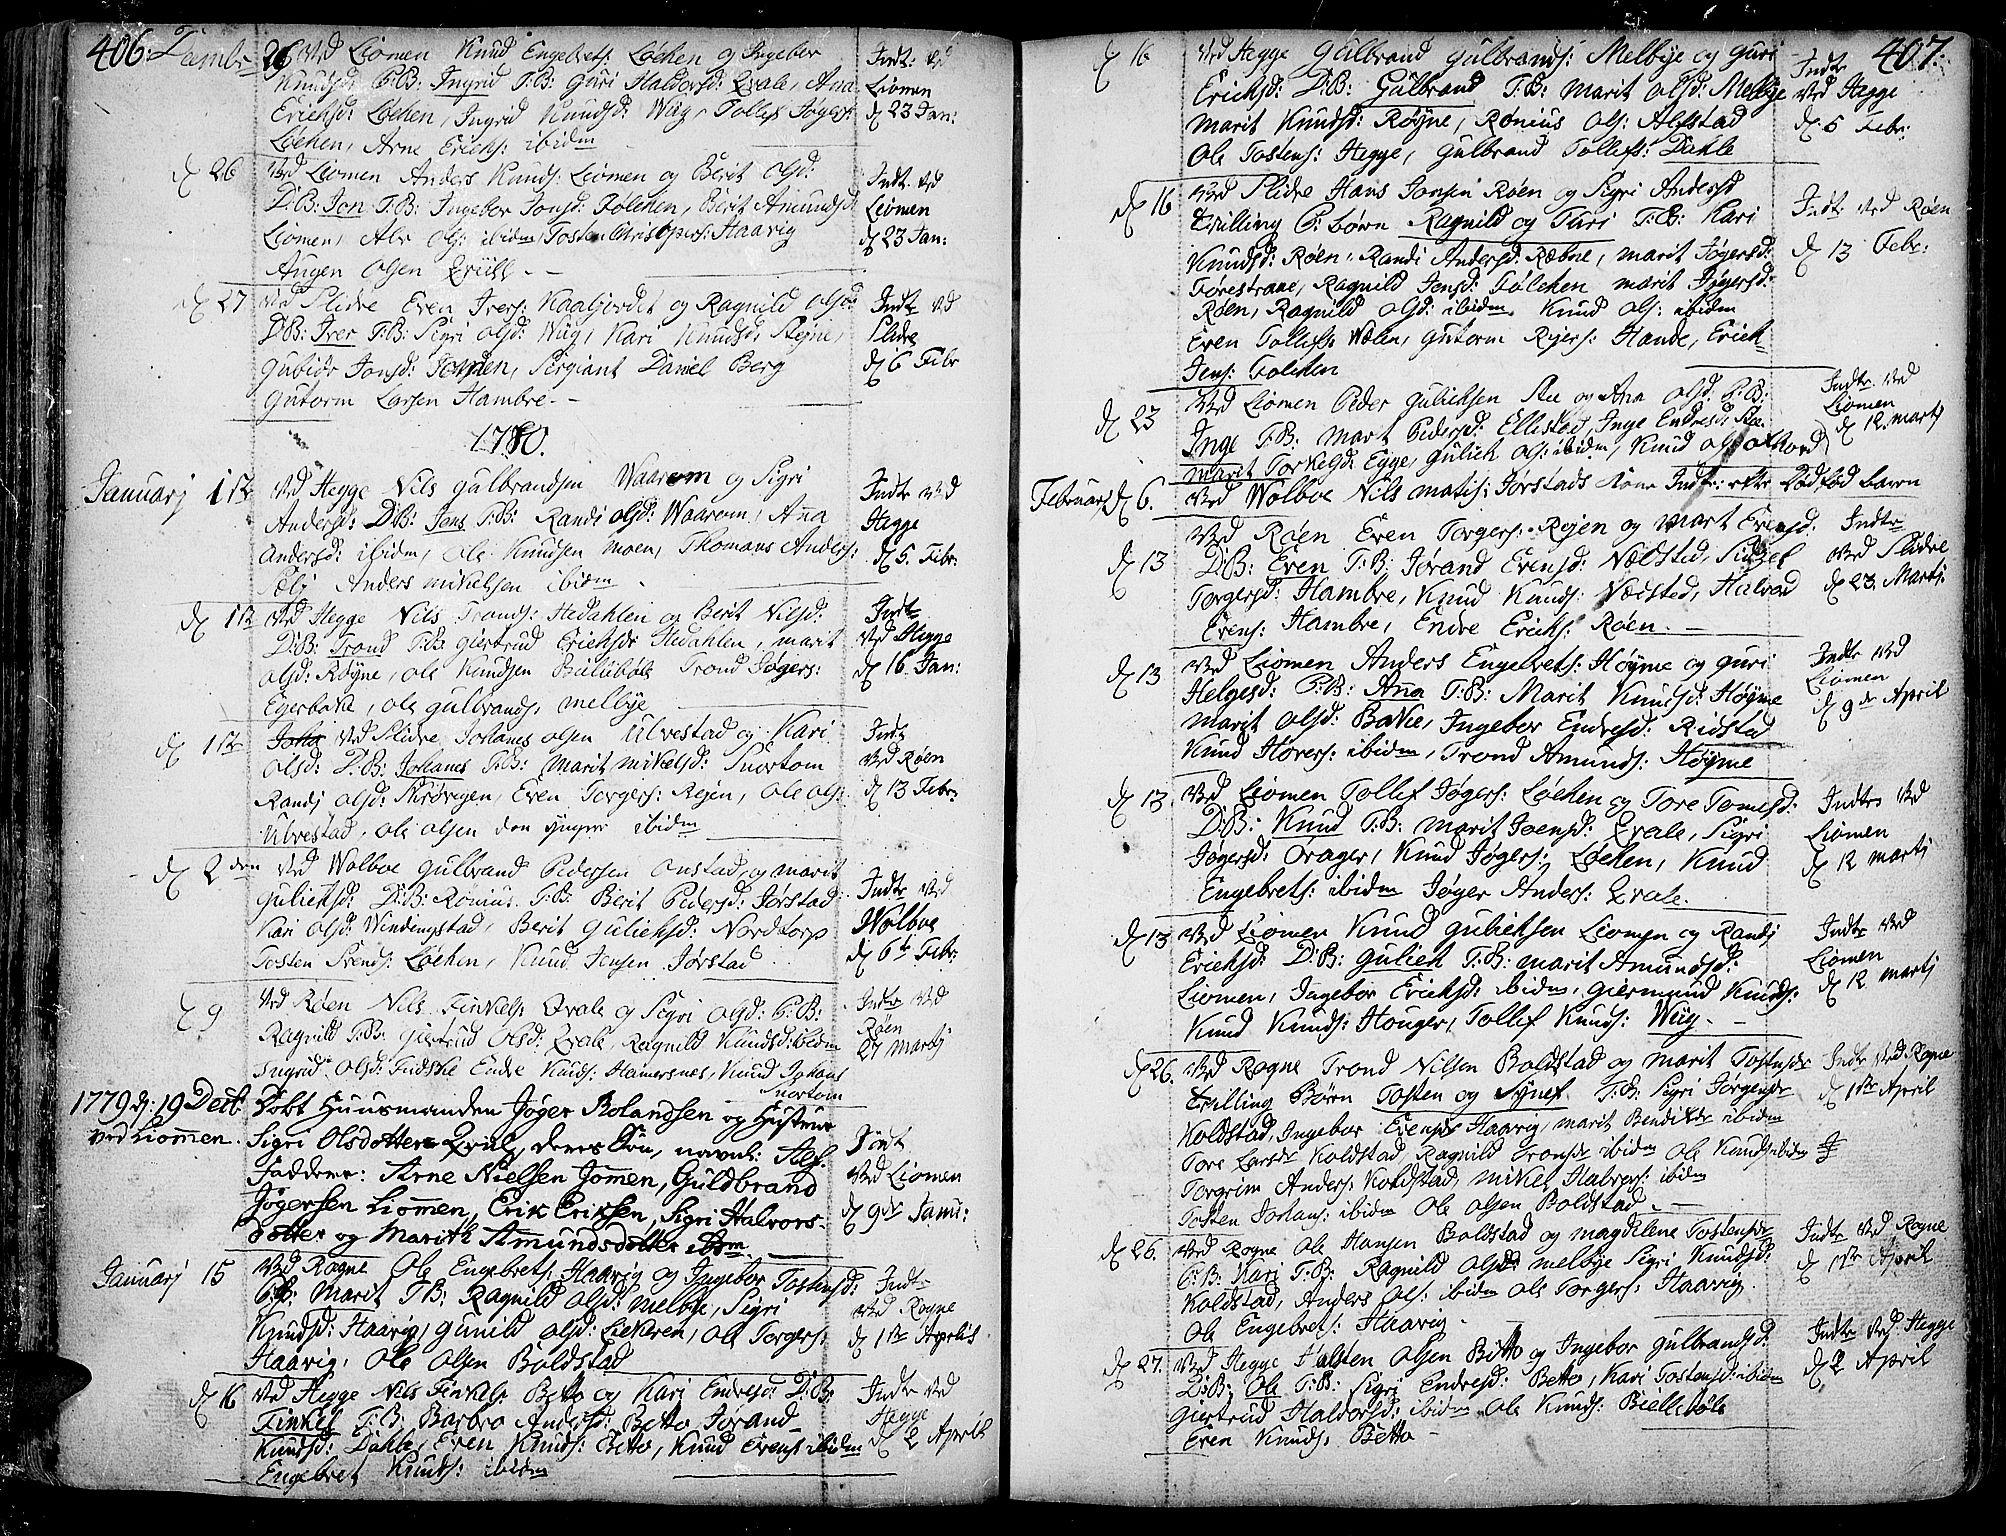 SAH, Slidre prestekontor, Ministerialbok nr. 1, 1724-1814, s. 406-407